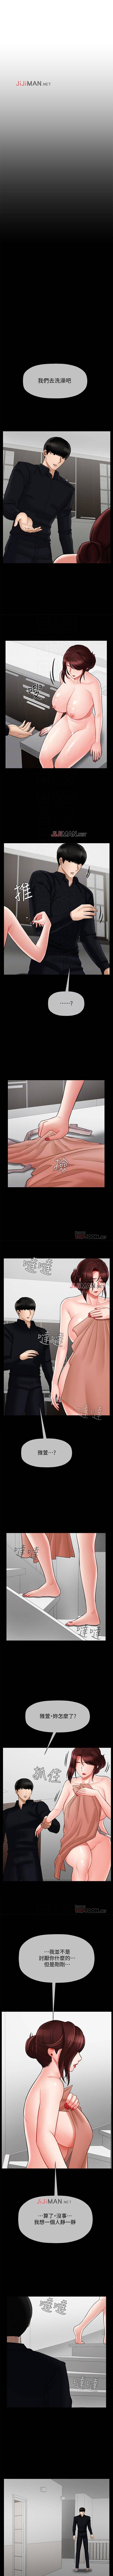 【已休刊】坏老师(作者:朴世談&福) 第1~31话 139